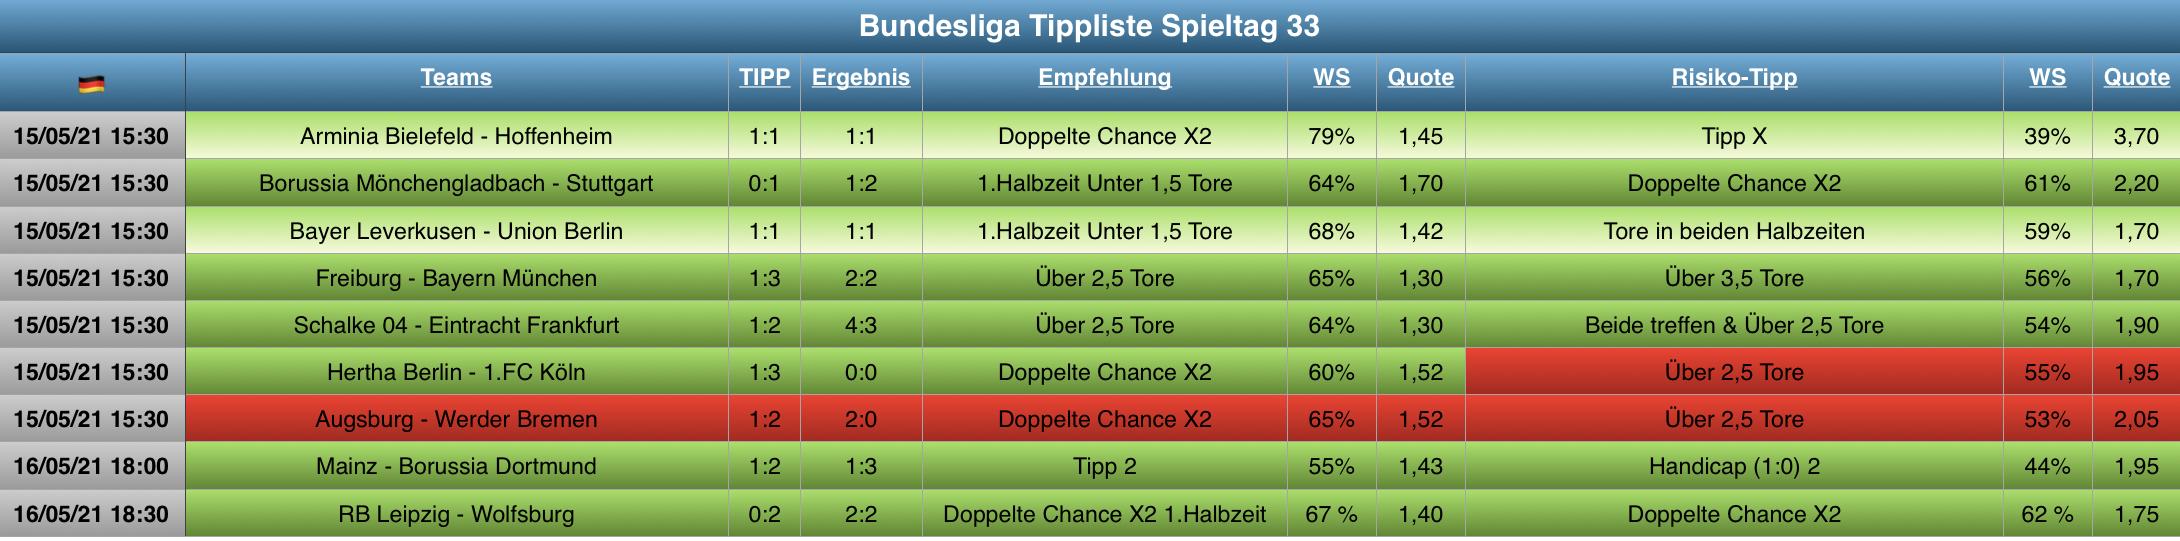 Tippliste Spieltag 33 / 2021 Auswertung